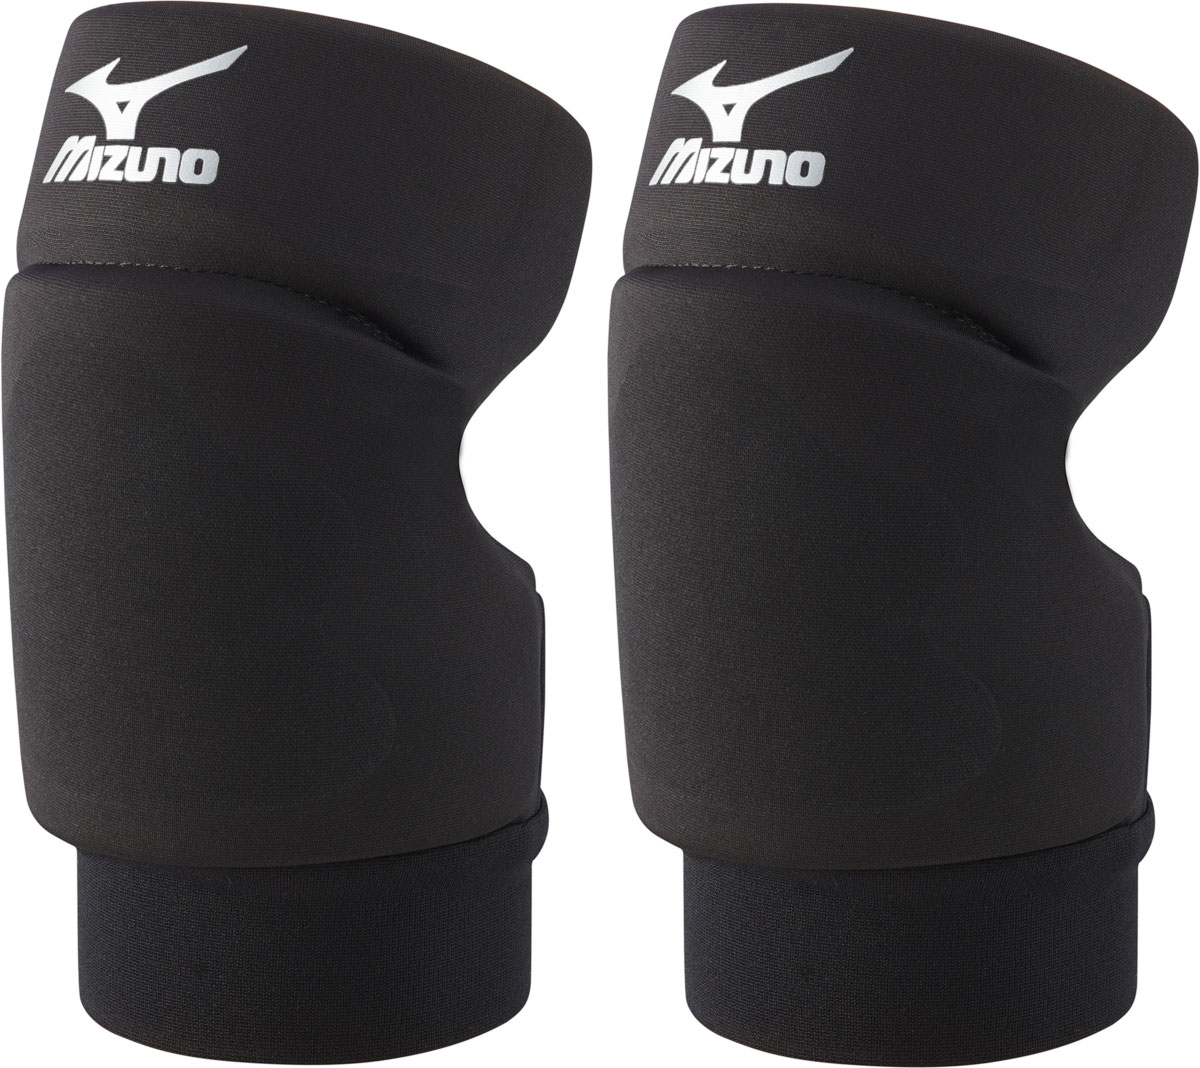 Наколенники волейбольные Mizuno  Open Back Kneepad , цвет: черный, 2 шт. Z59SS890. Размер L - Волейбол